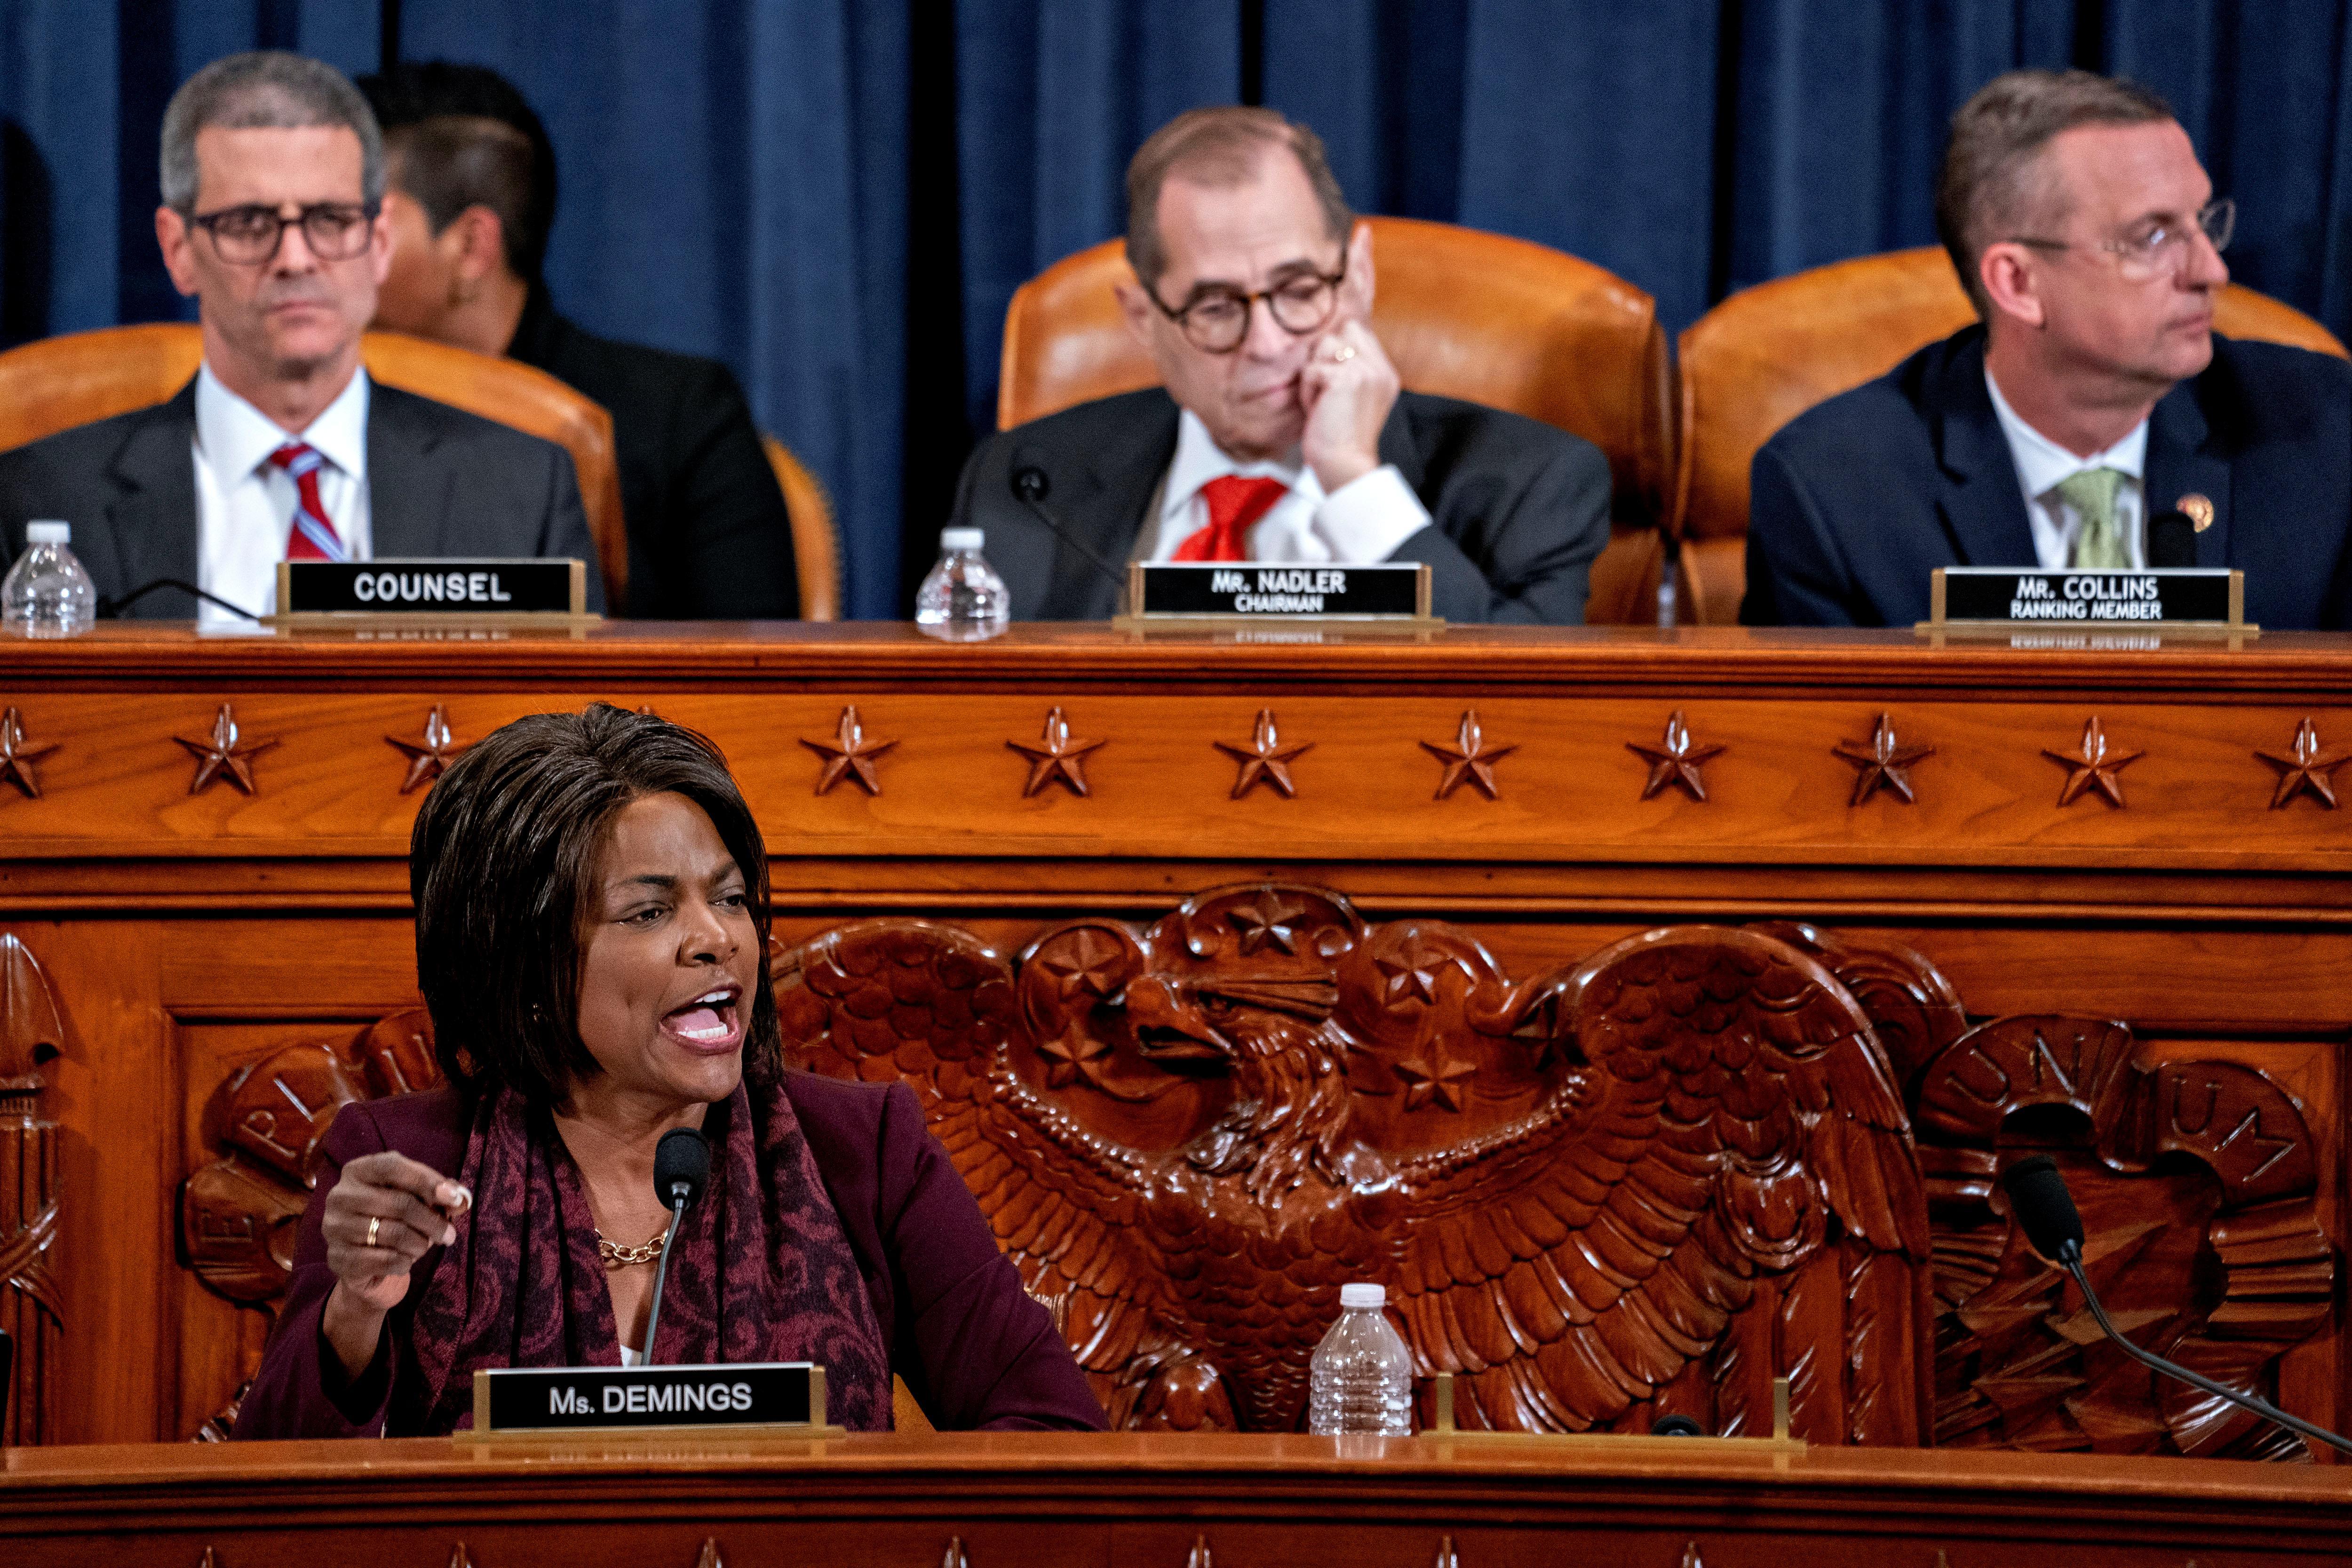 Le comité de la Chambre s'apprête à voter sur les articles de destitution contre Trump